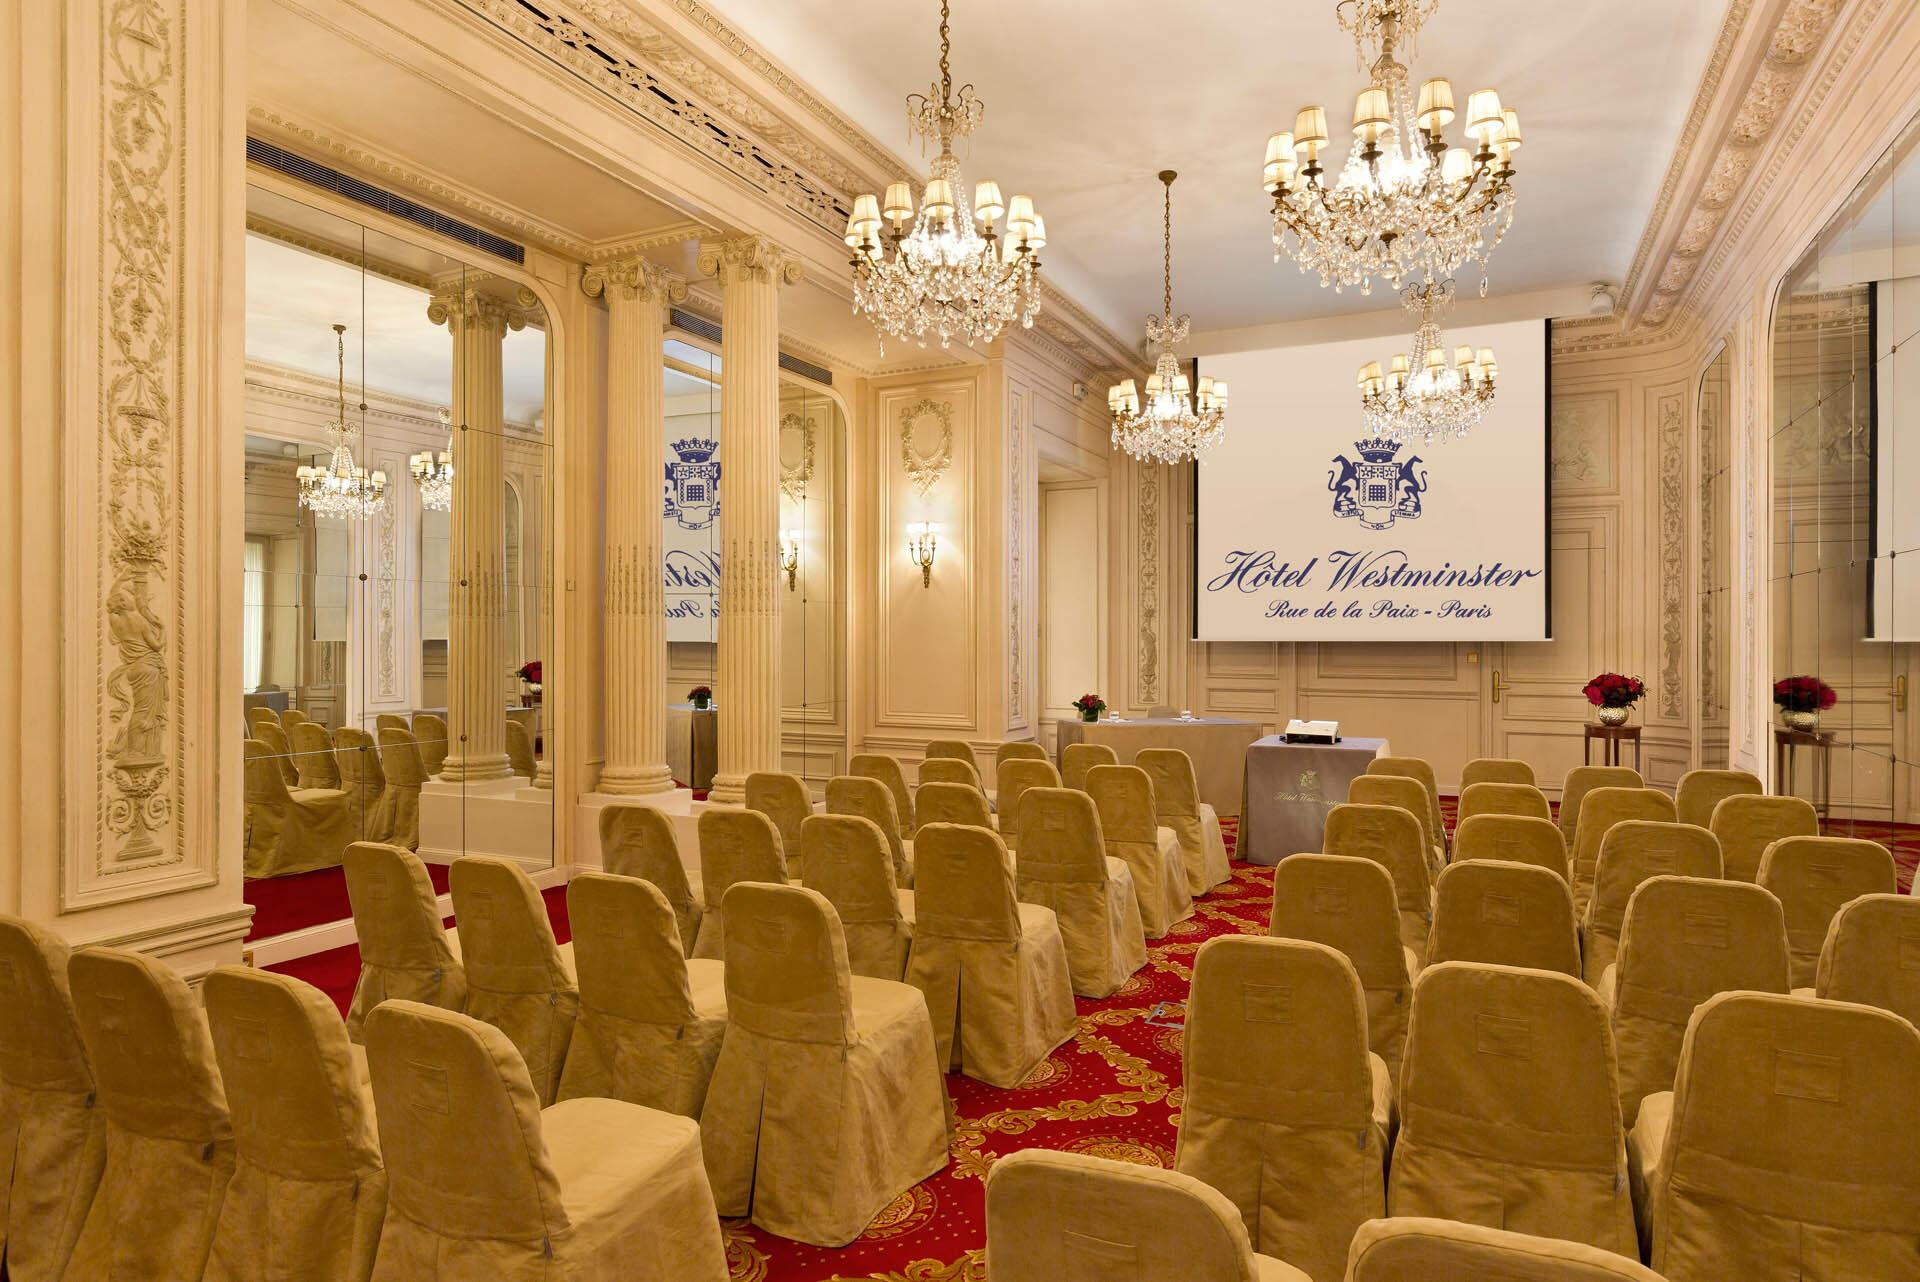 Salle de réunion Récamier à l'Hôtel Westminster